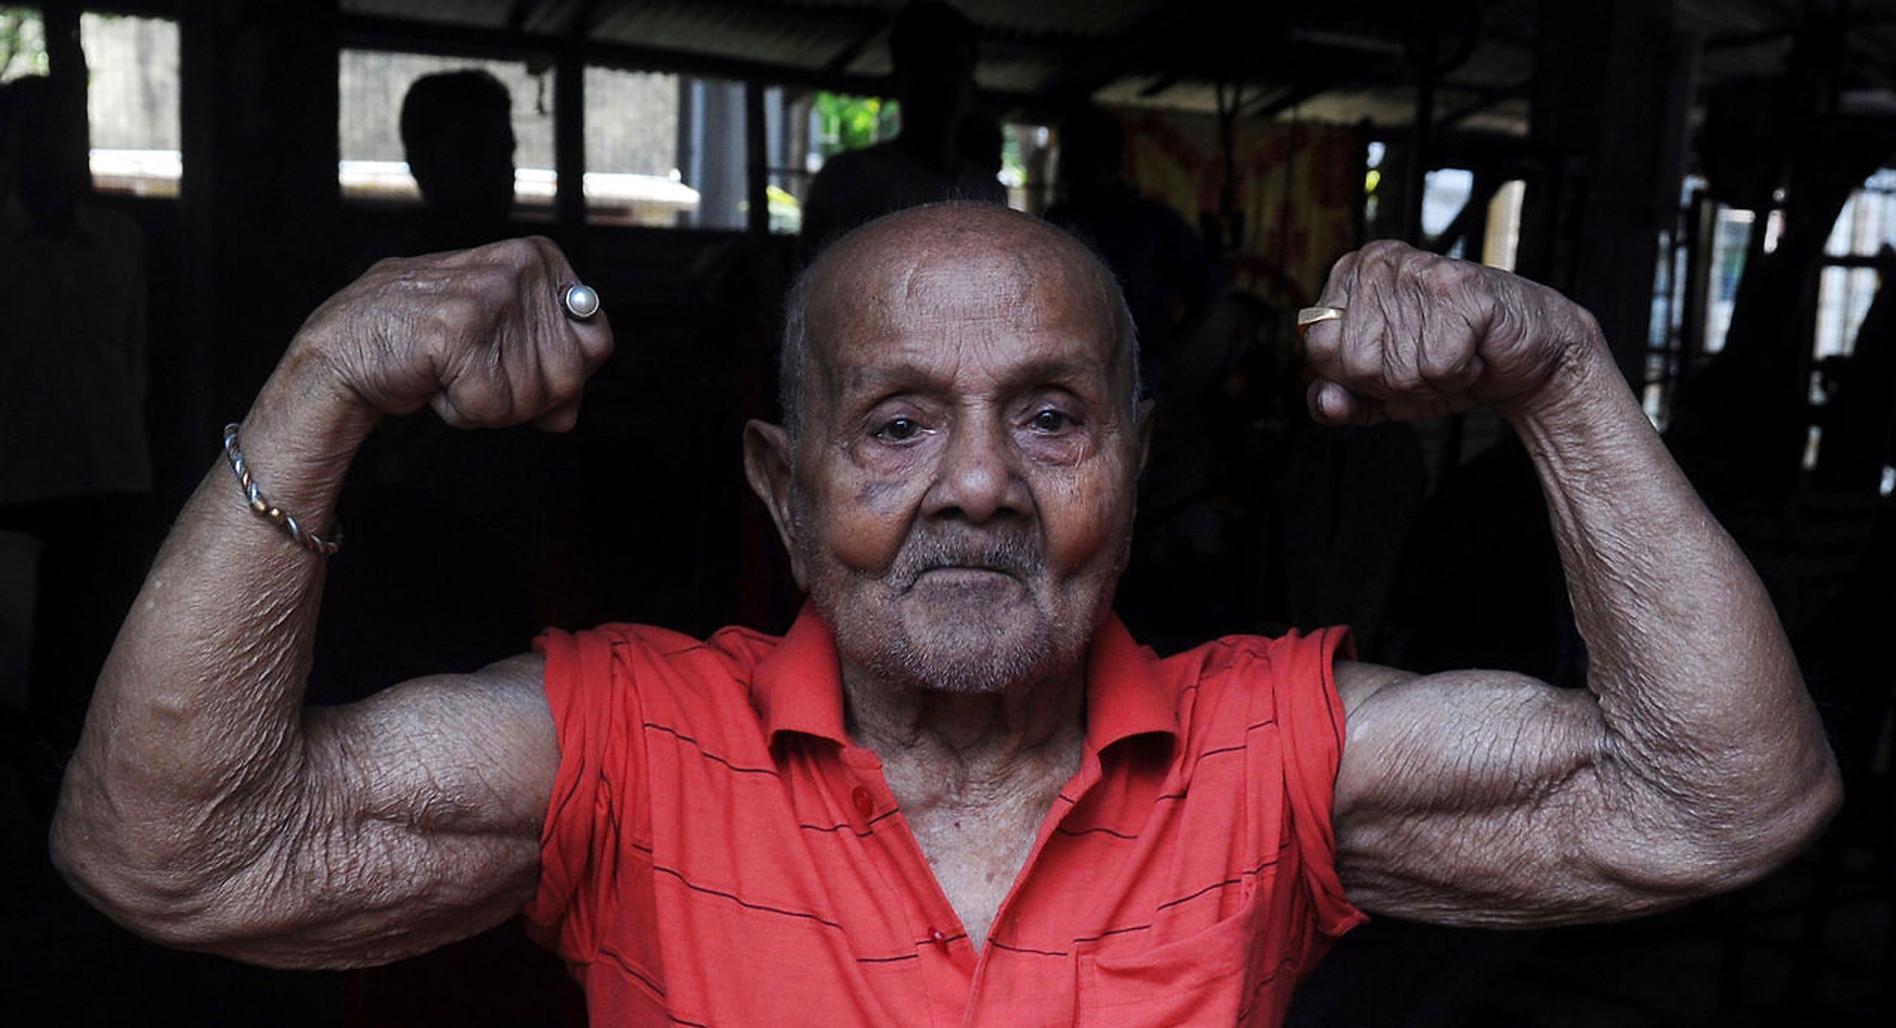 World's oldest bodybuilder at 103 years!